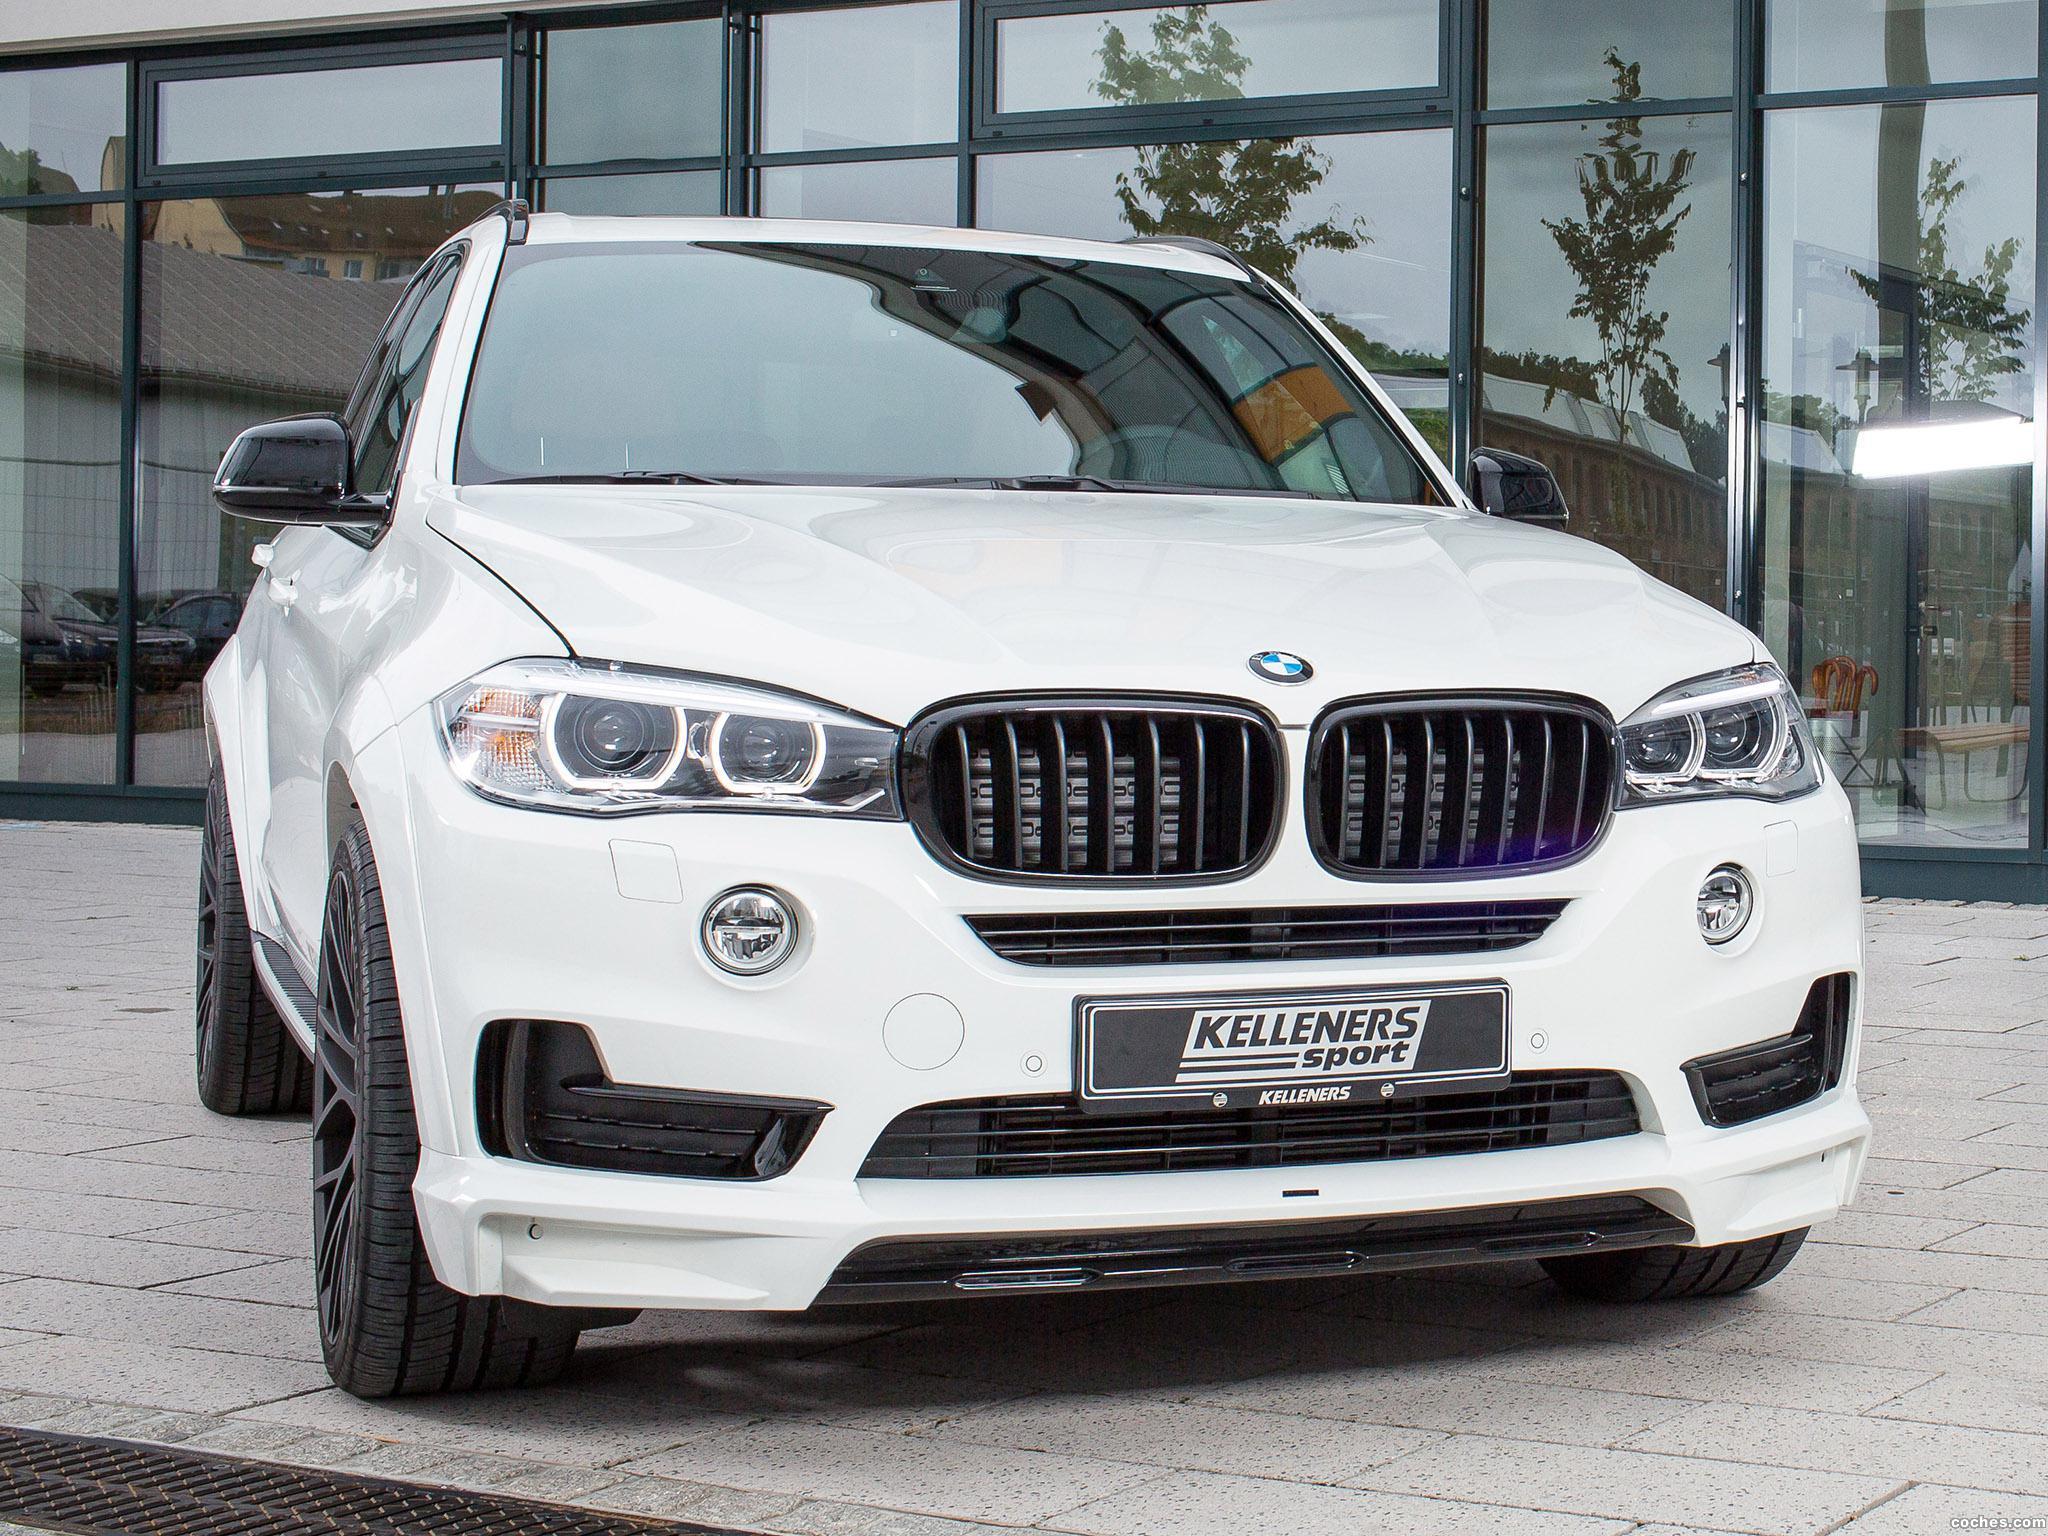 Foto 0 de Kelleners Sport BMW X5 F15 2014